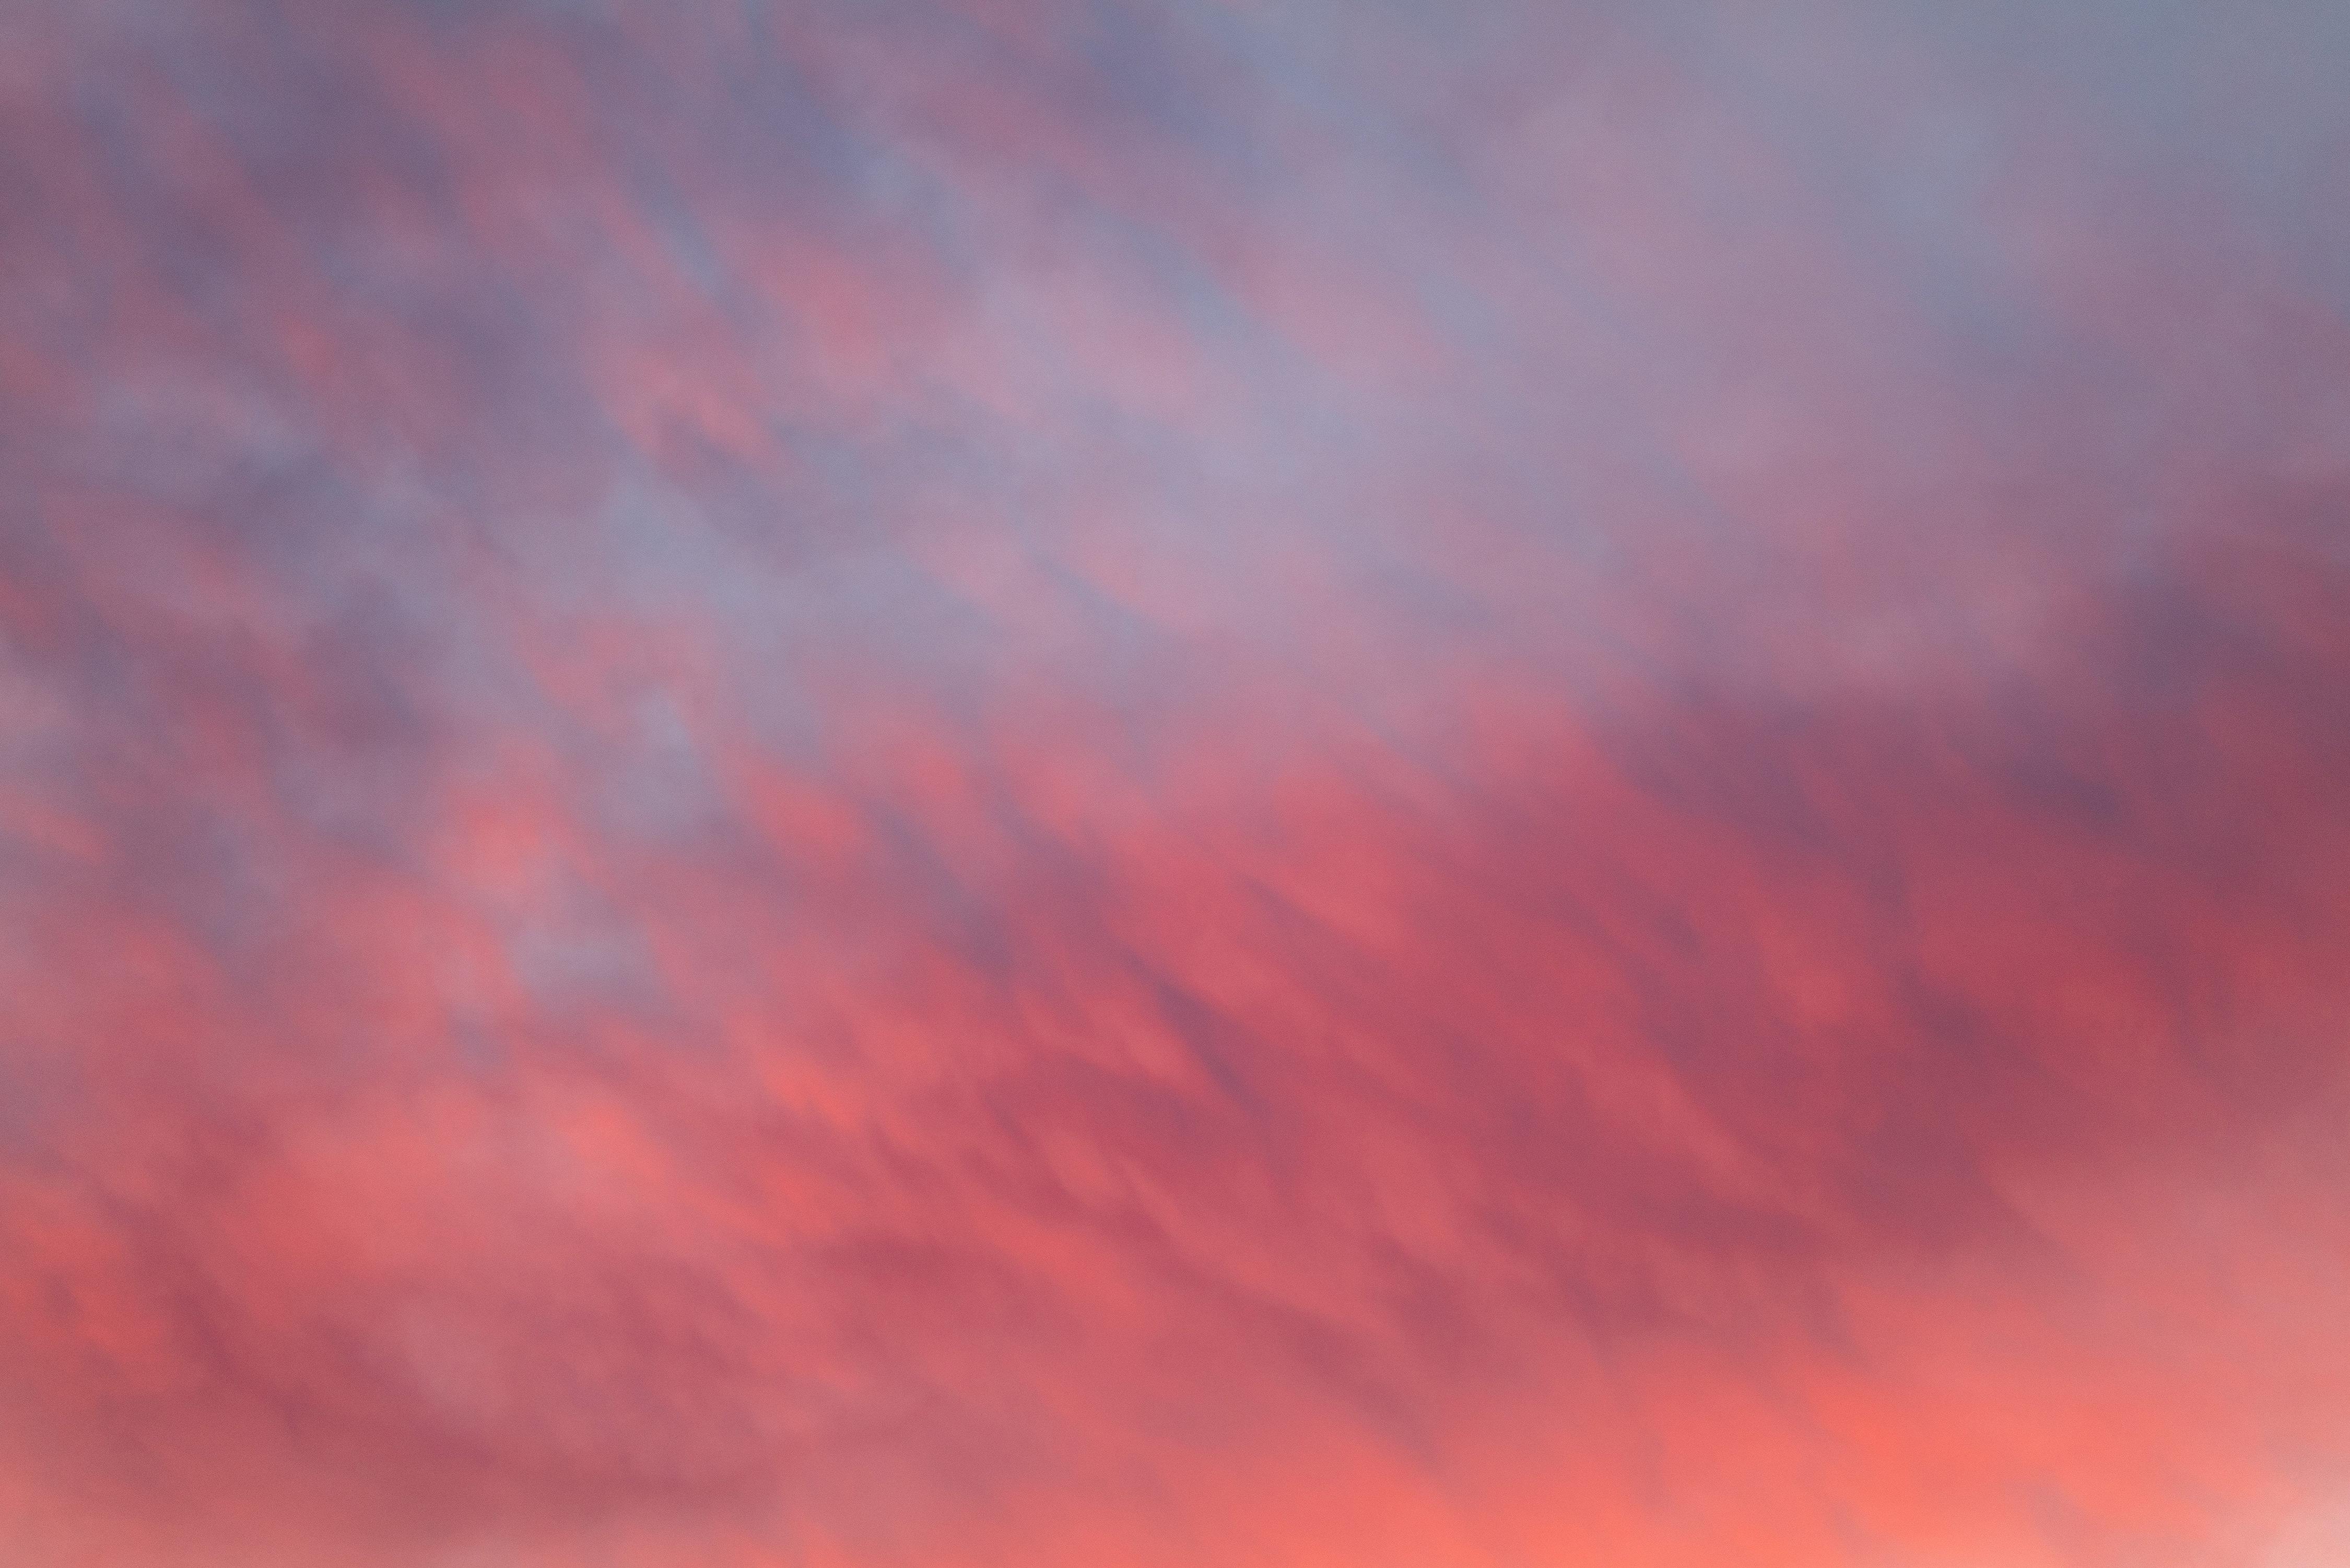 Velvet pink and blue sky